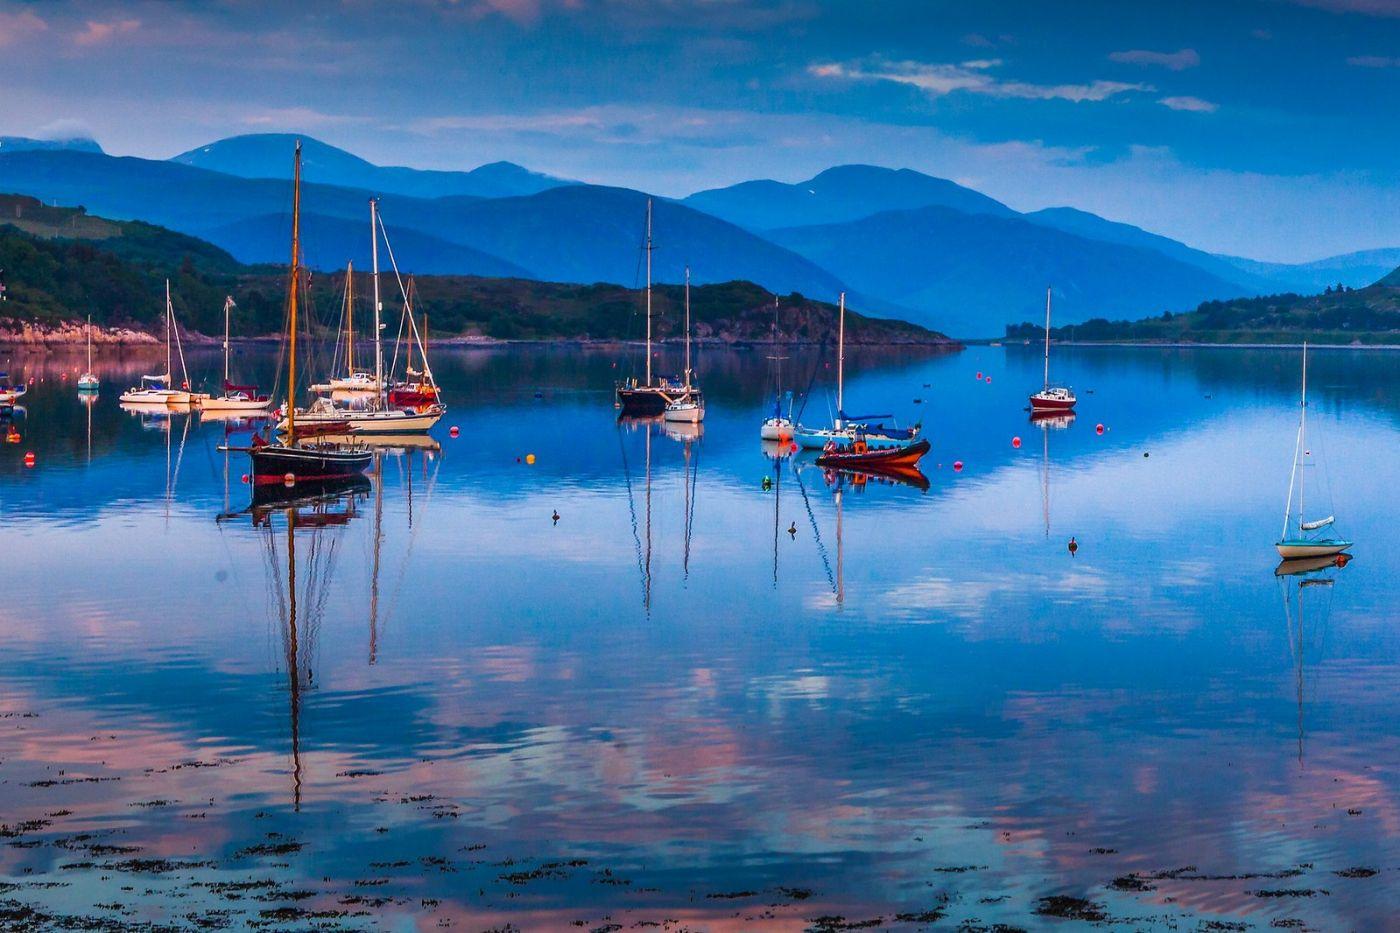 苏格兰阿勒浦(Ullapool),如镜的湖面_图1-4